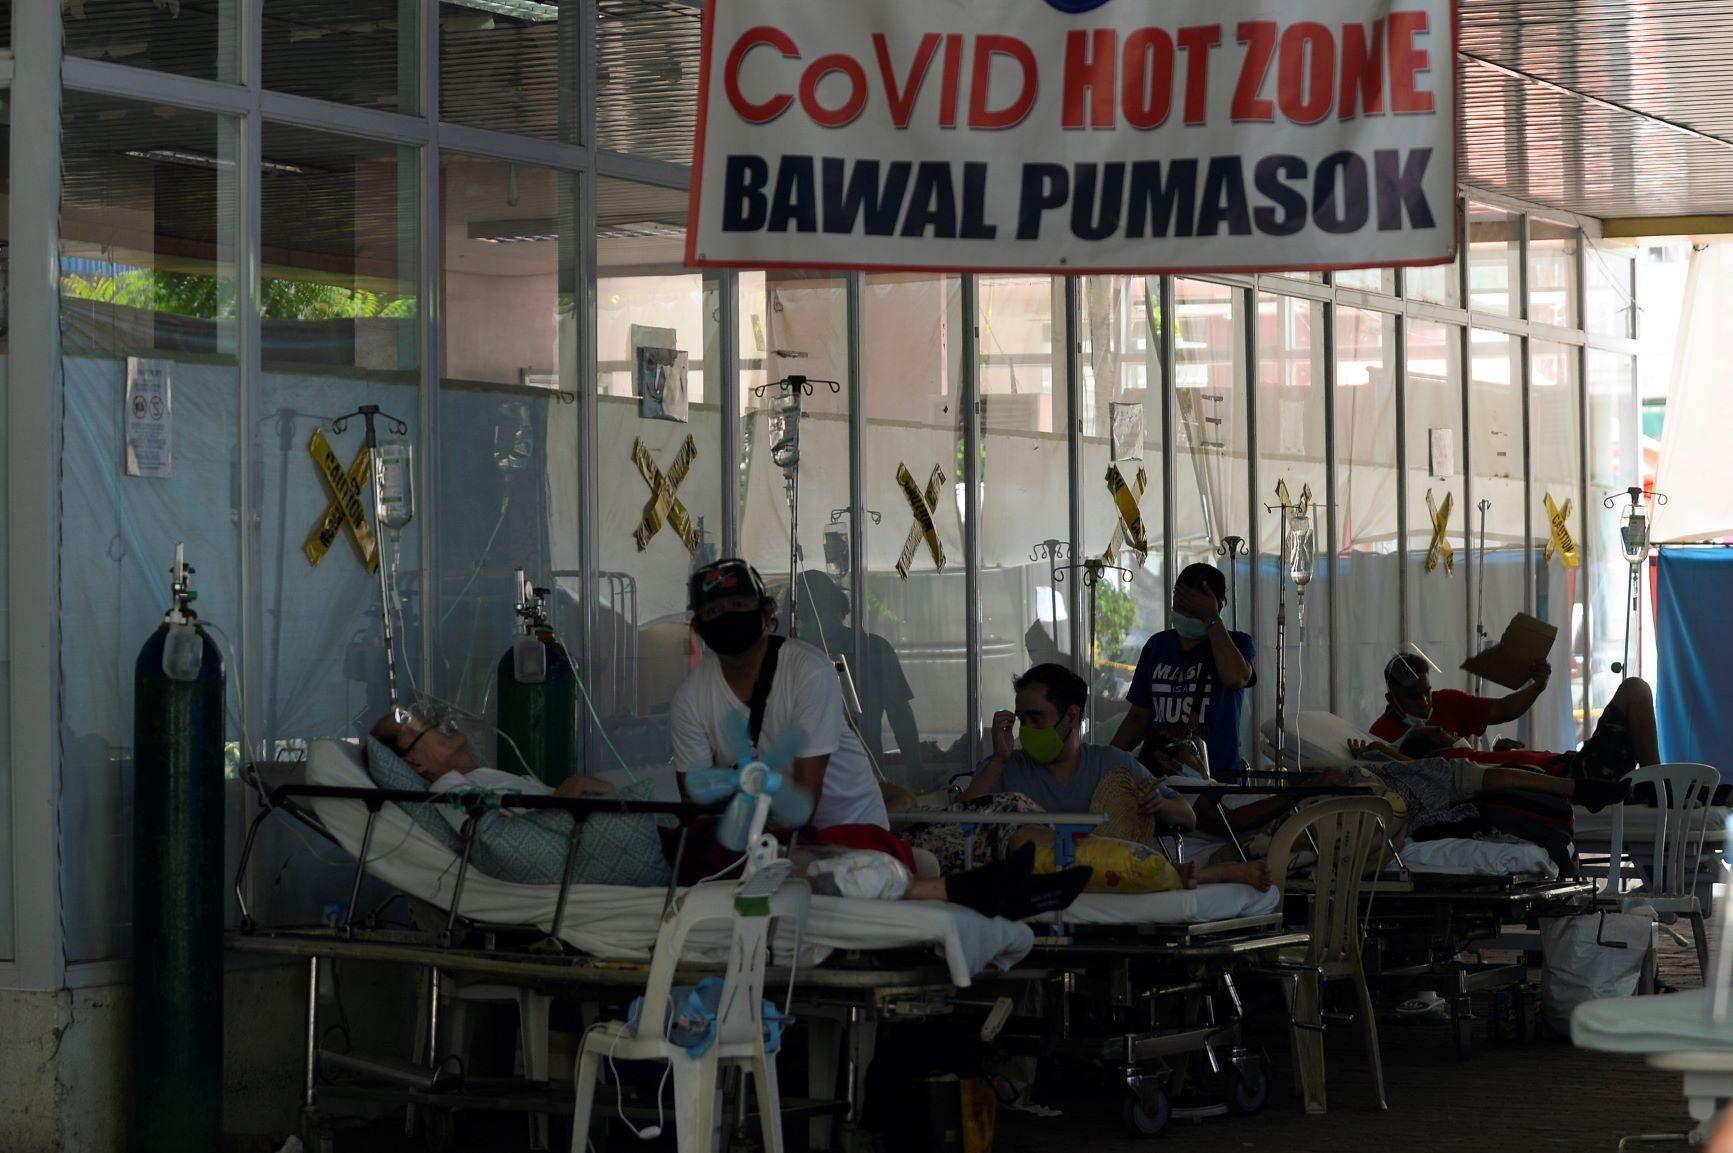 ฟิลิปปินส์หวนใช้วัคซีนแอสตร้าเซนเนก้า ฉีดคนกลุ่มอายุต่ำกว่า 60 ปี